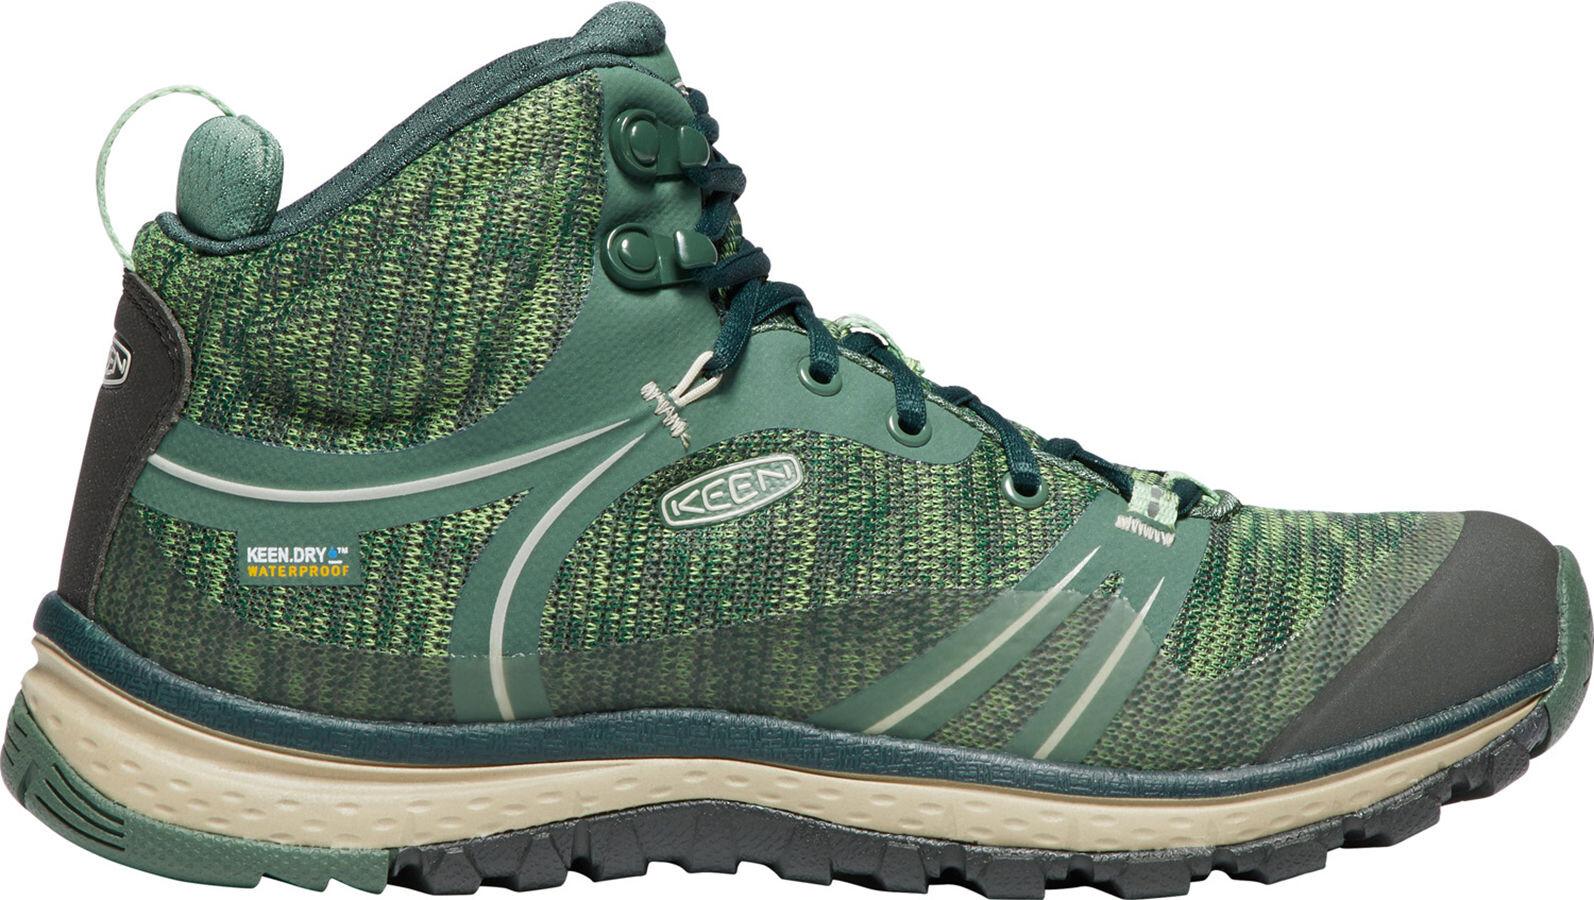 Keen Terradora WP - Calzado Mujer - verde  effd1ff88c0